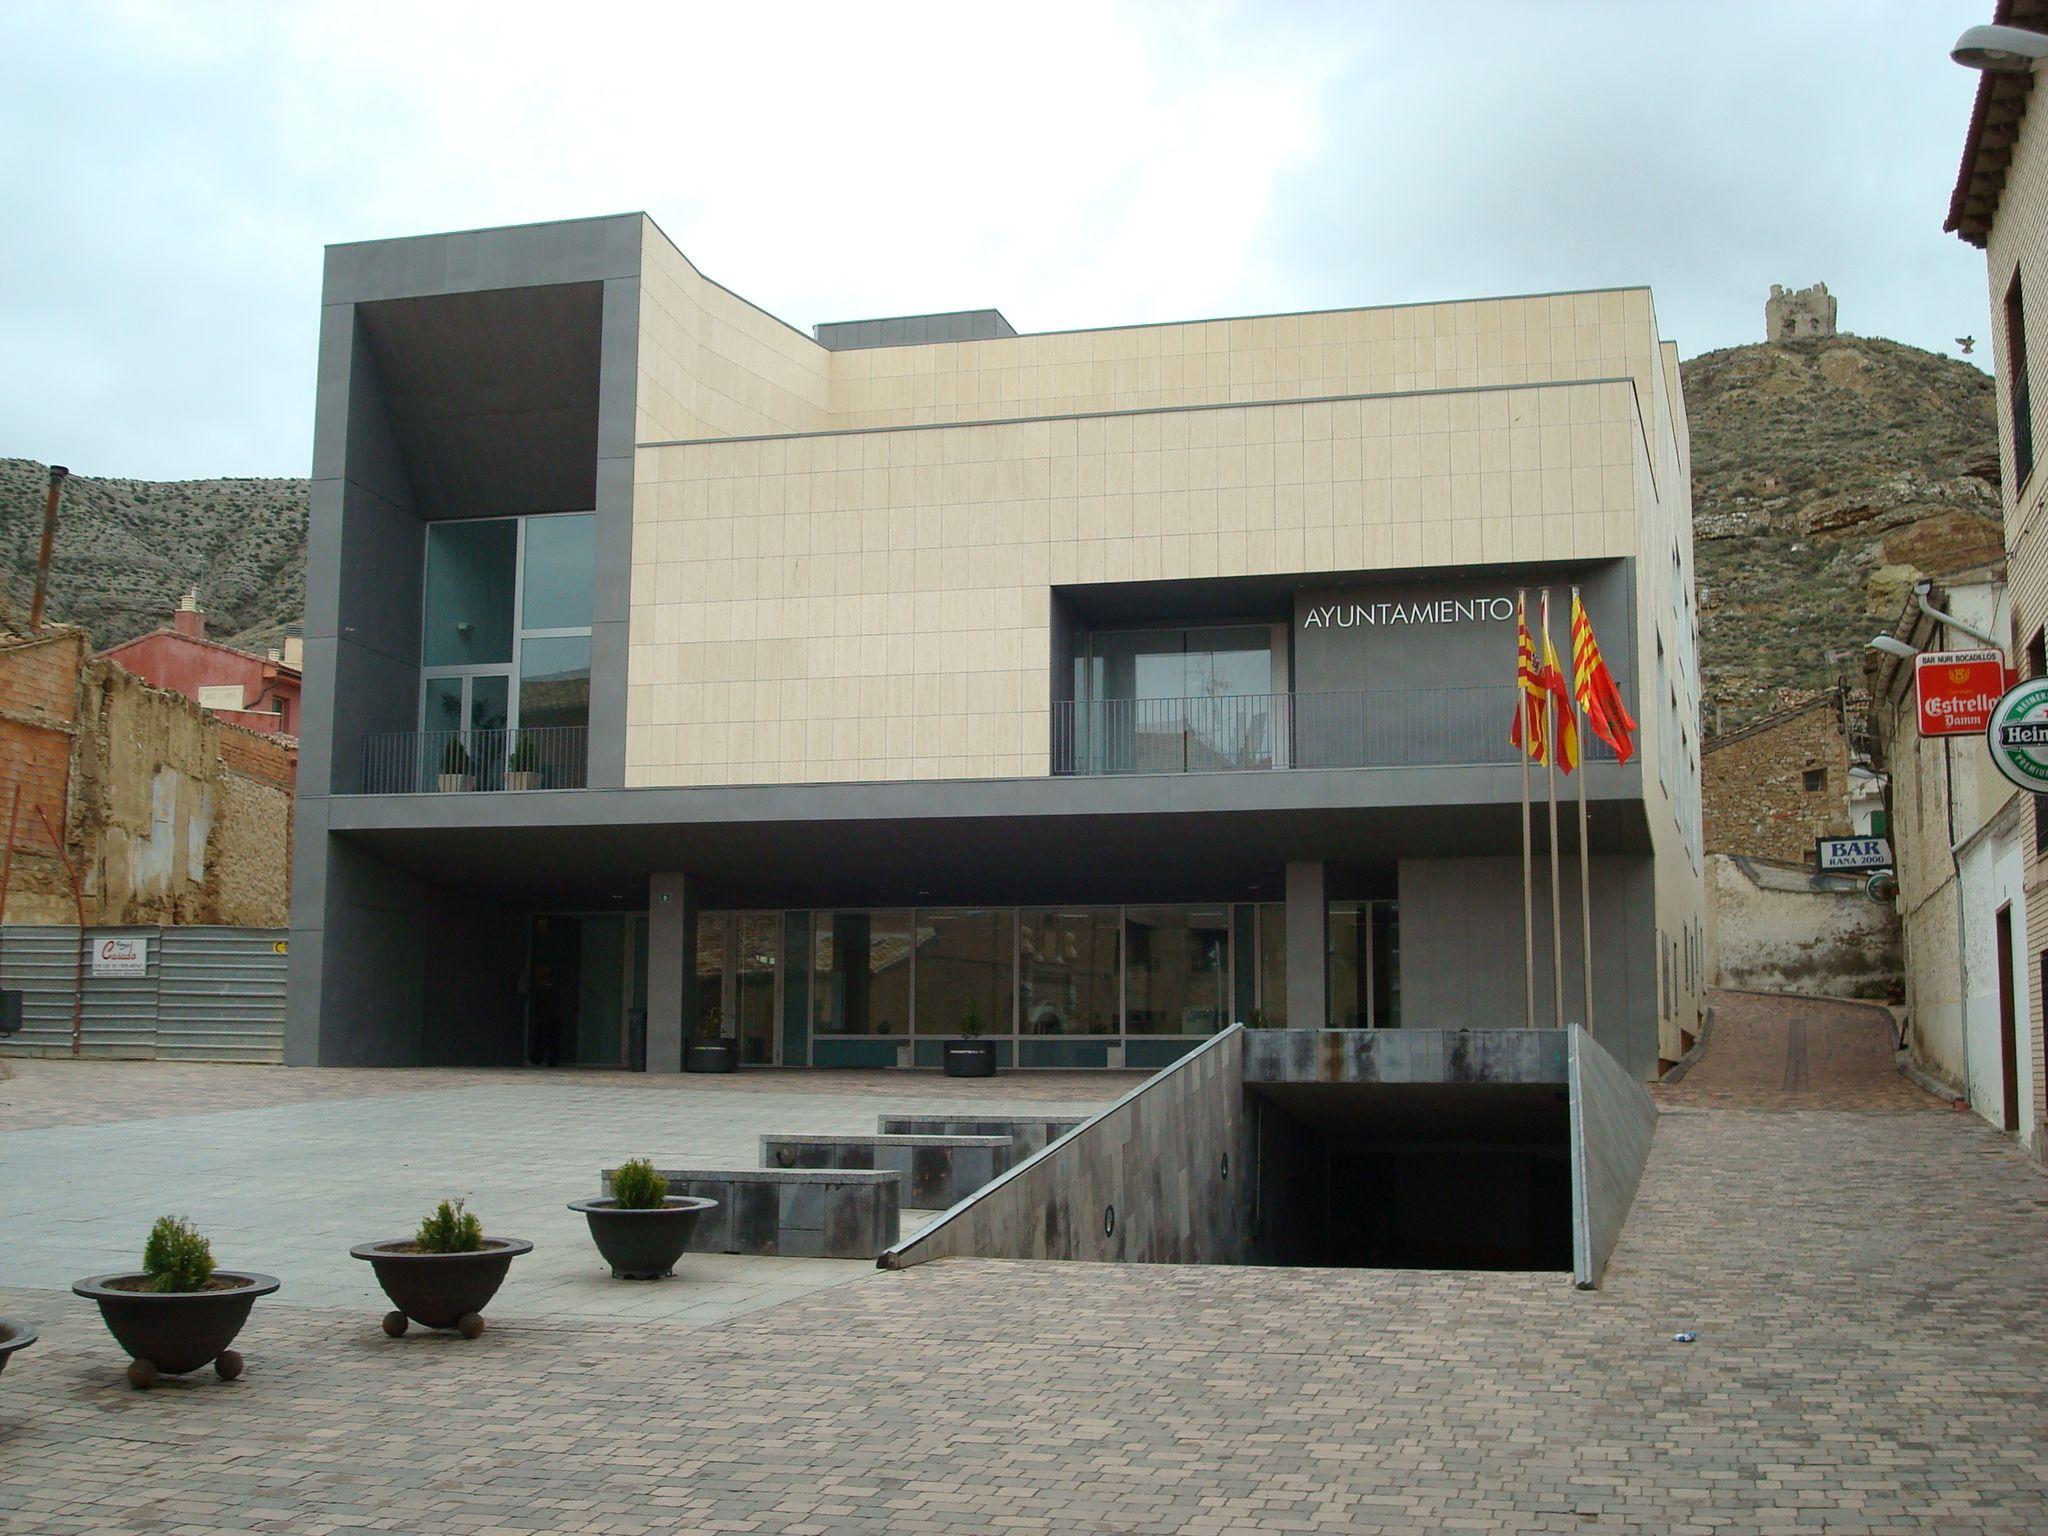 Ayuntamiento de Cadrete, Zaragoza. Proyecto de equipación de interiores, Ofita, Arastor